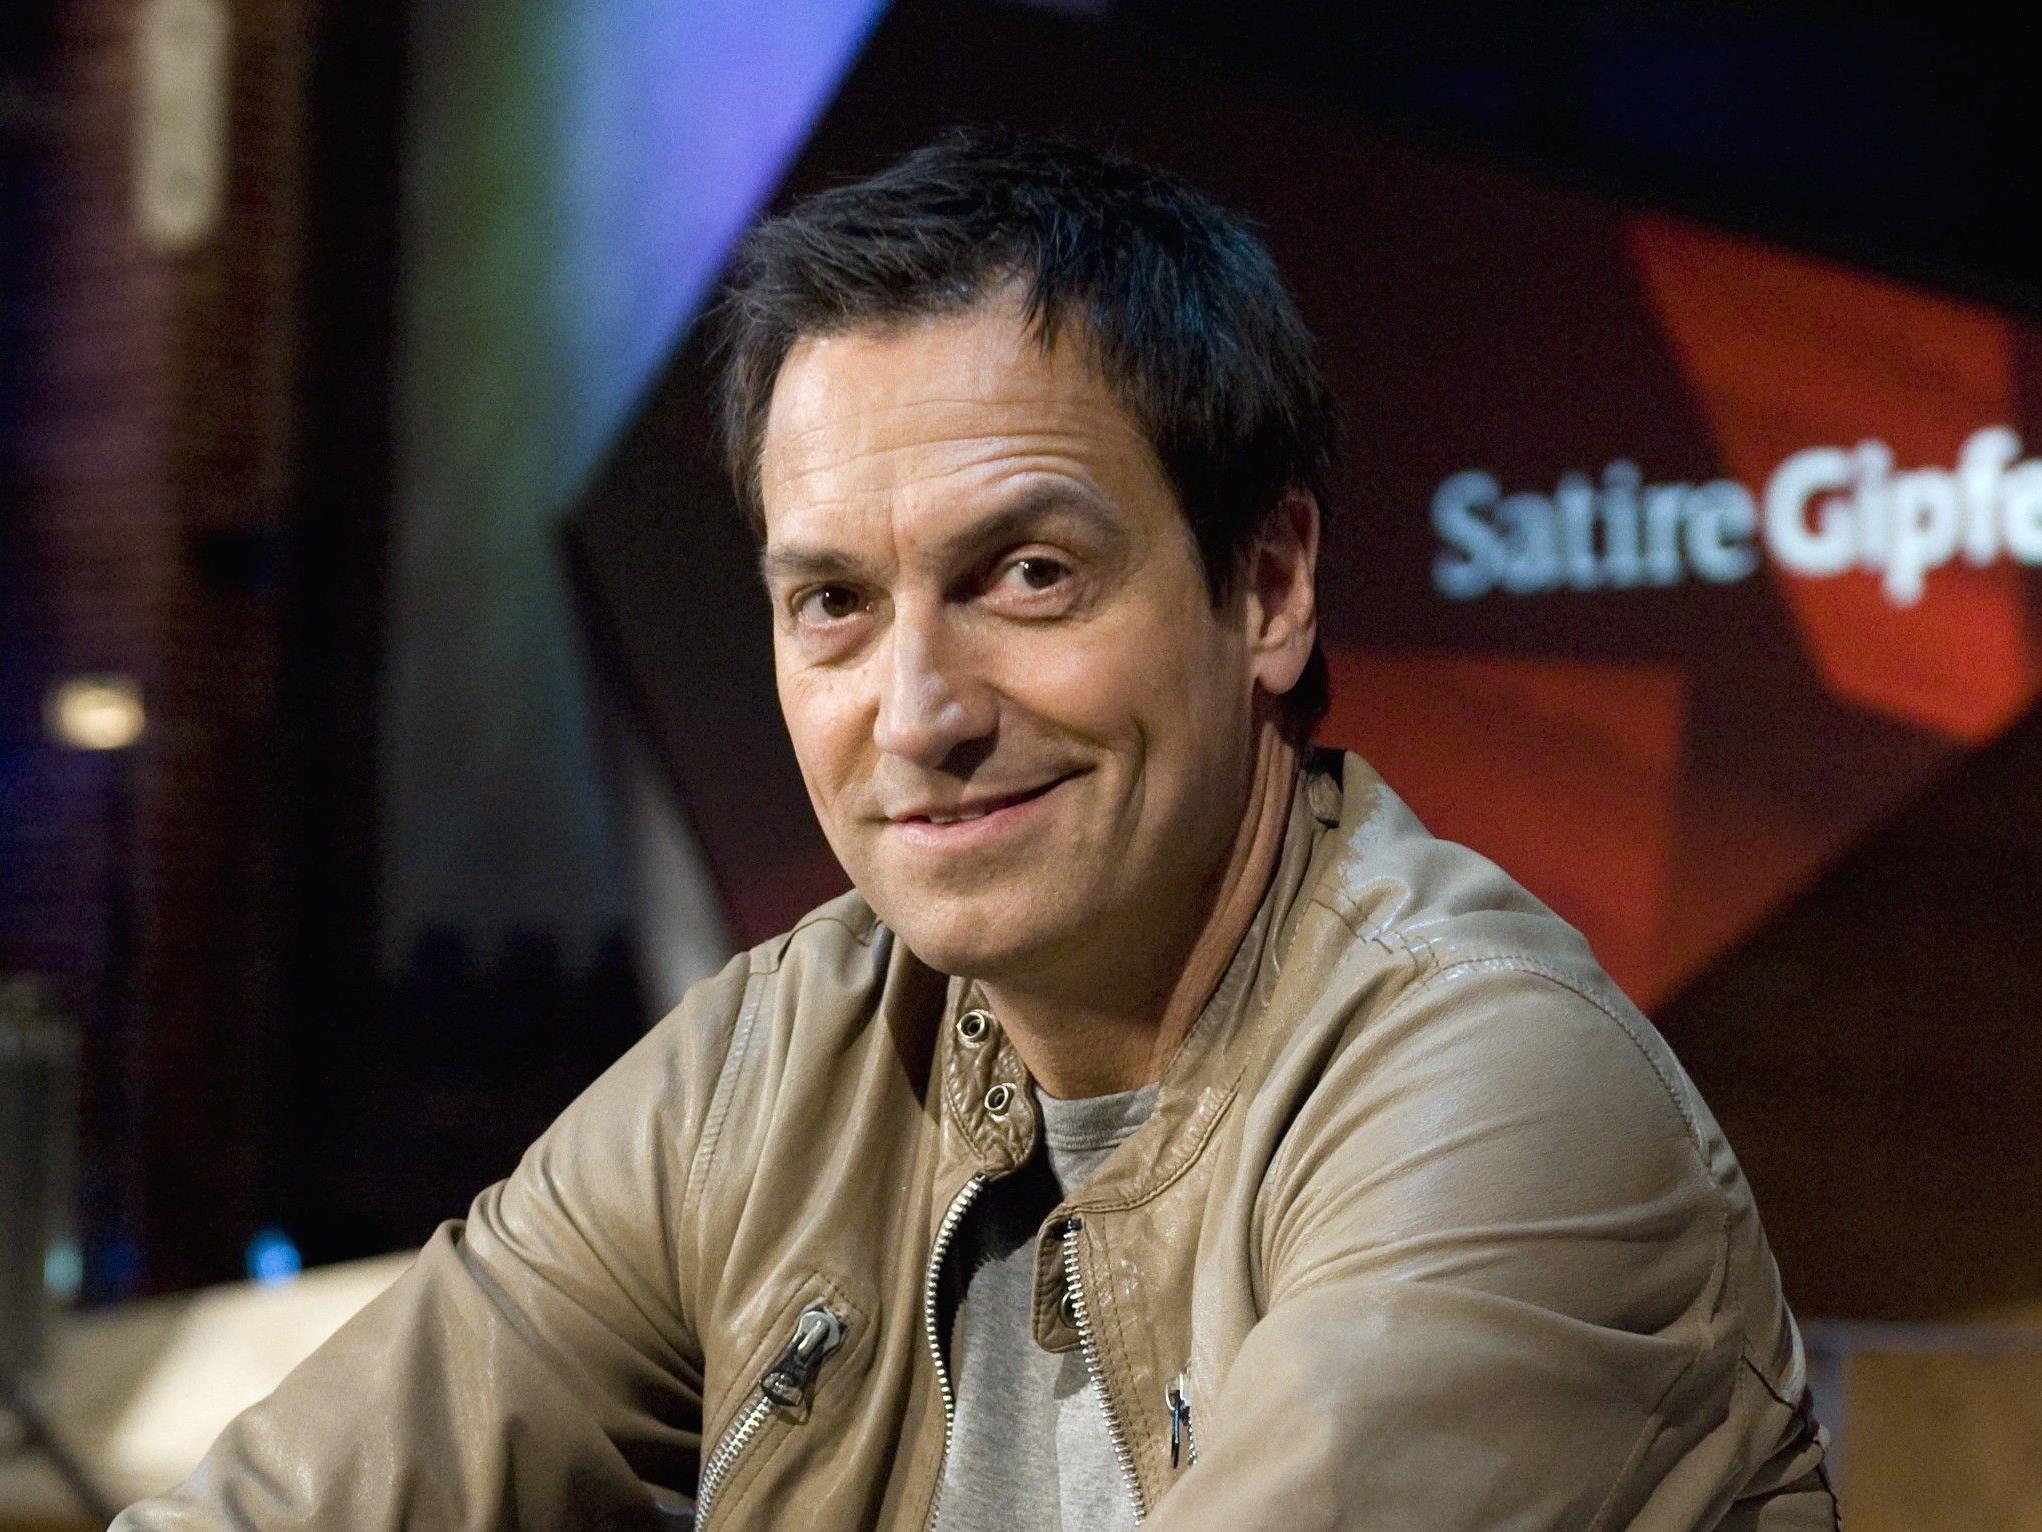 Dieter Nuhr überzeugte bereits als Comedian und Moderator.